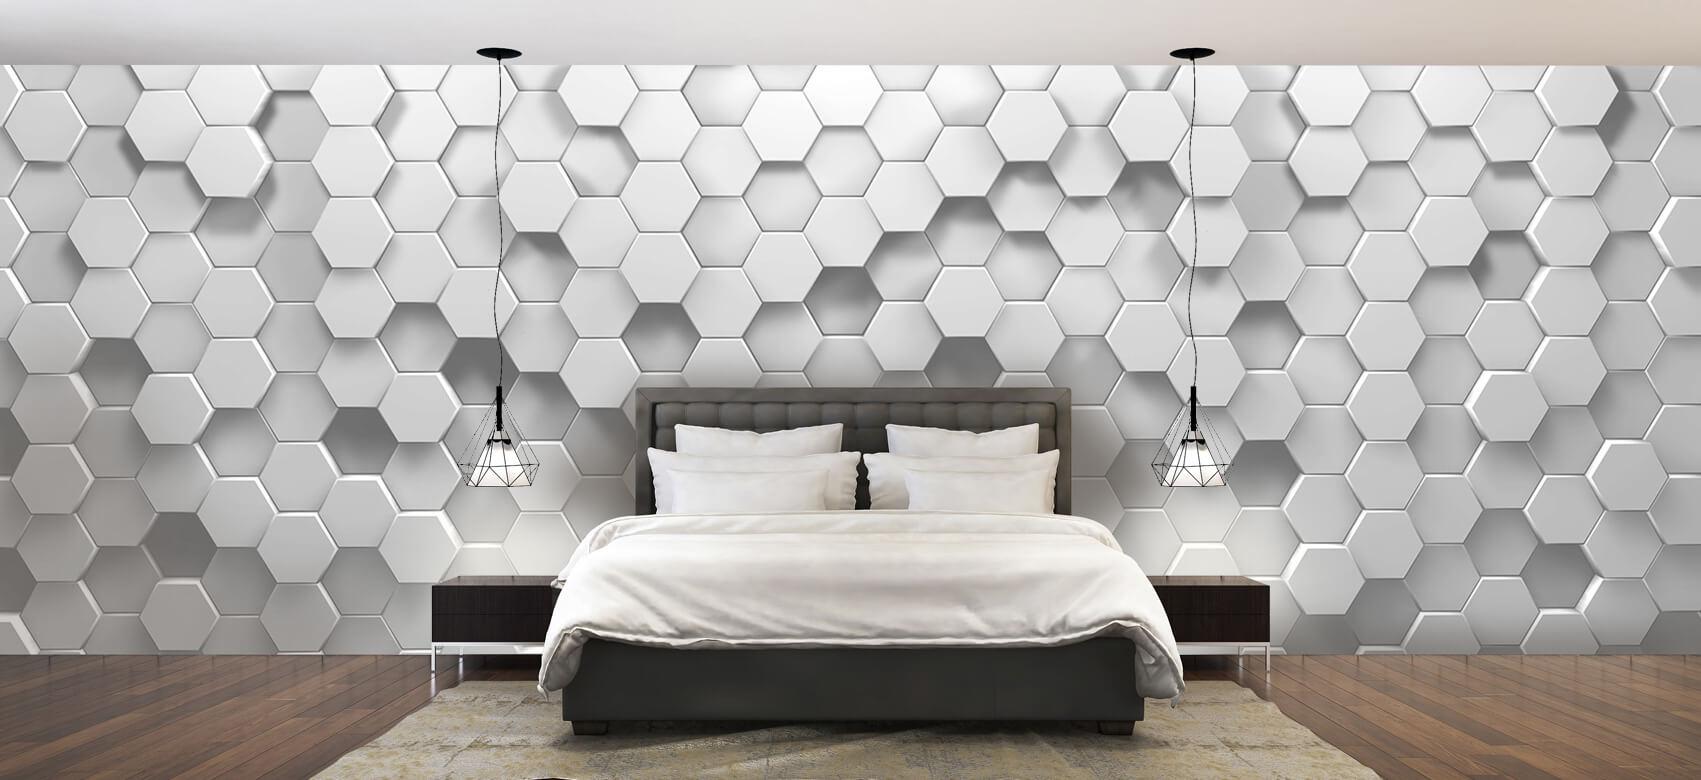 3D 3D Hexagons 2